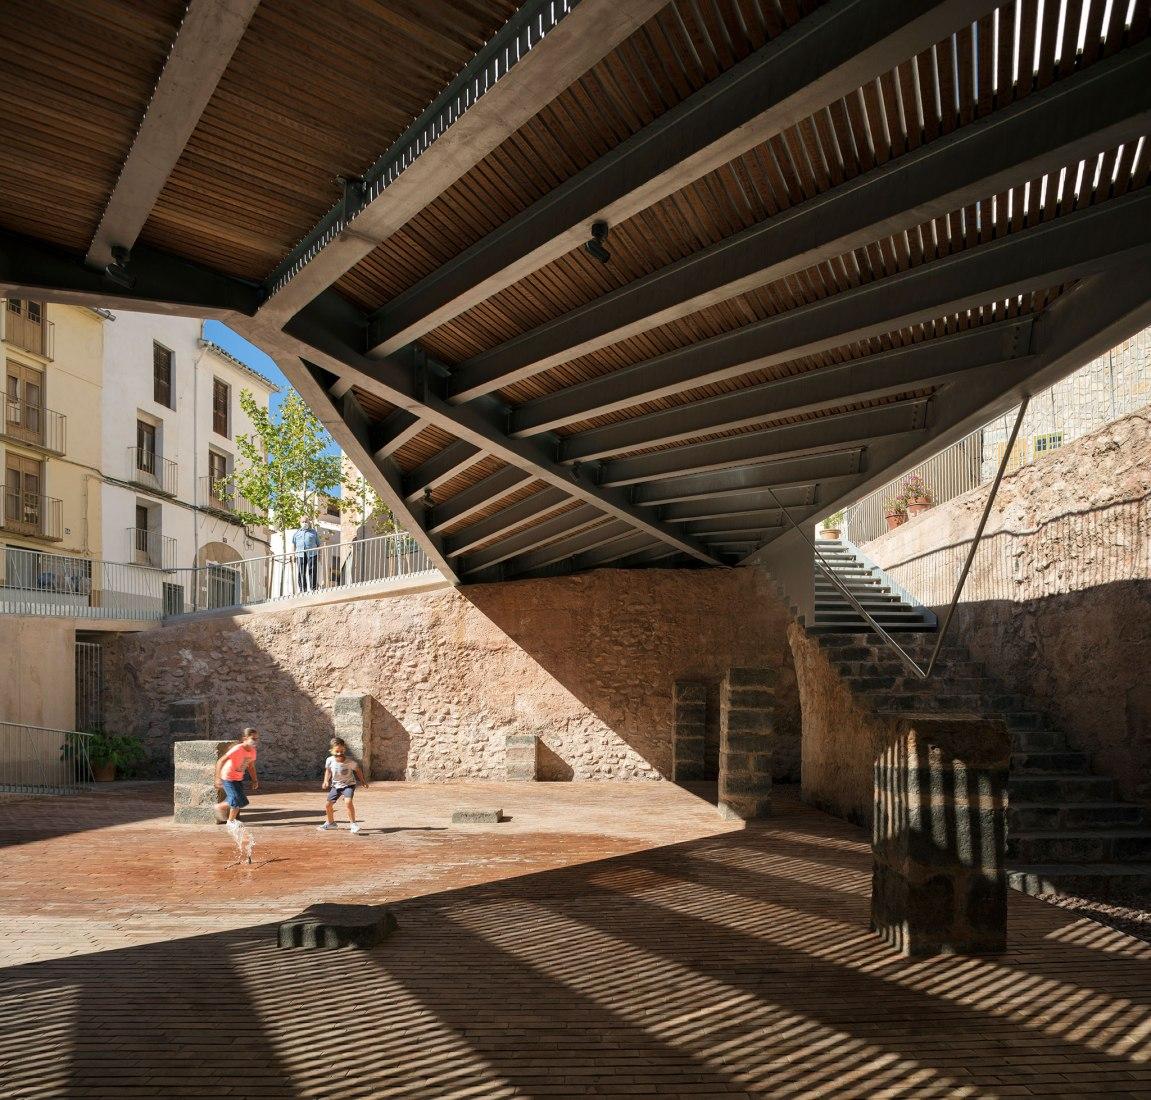 Plaça-Sinagoga. Ganadores de la V edición del premio europeo de intervención en el patrimonio arquitectónico. Fotografía por © Milena Villalba.